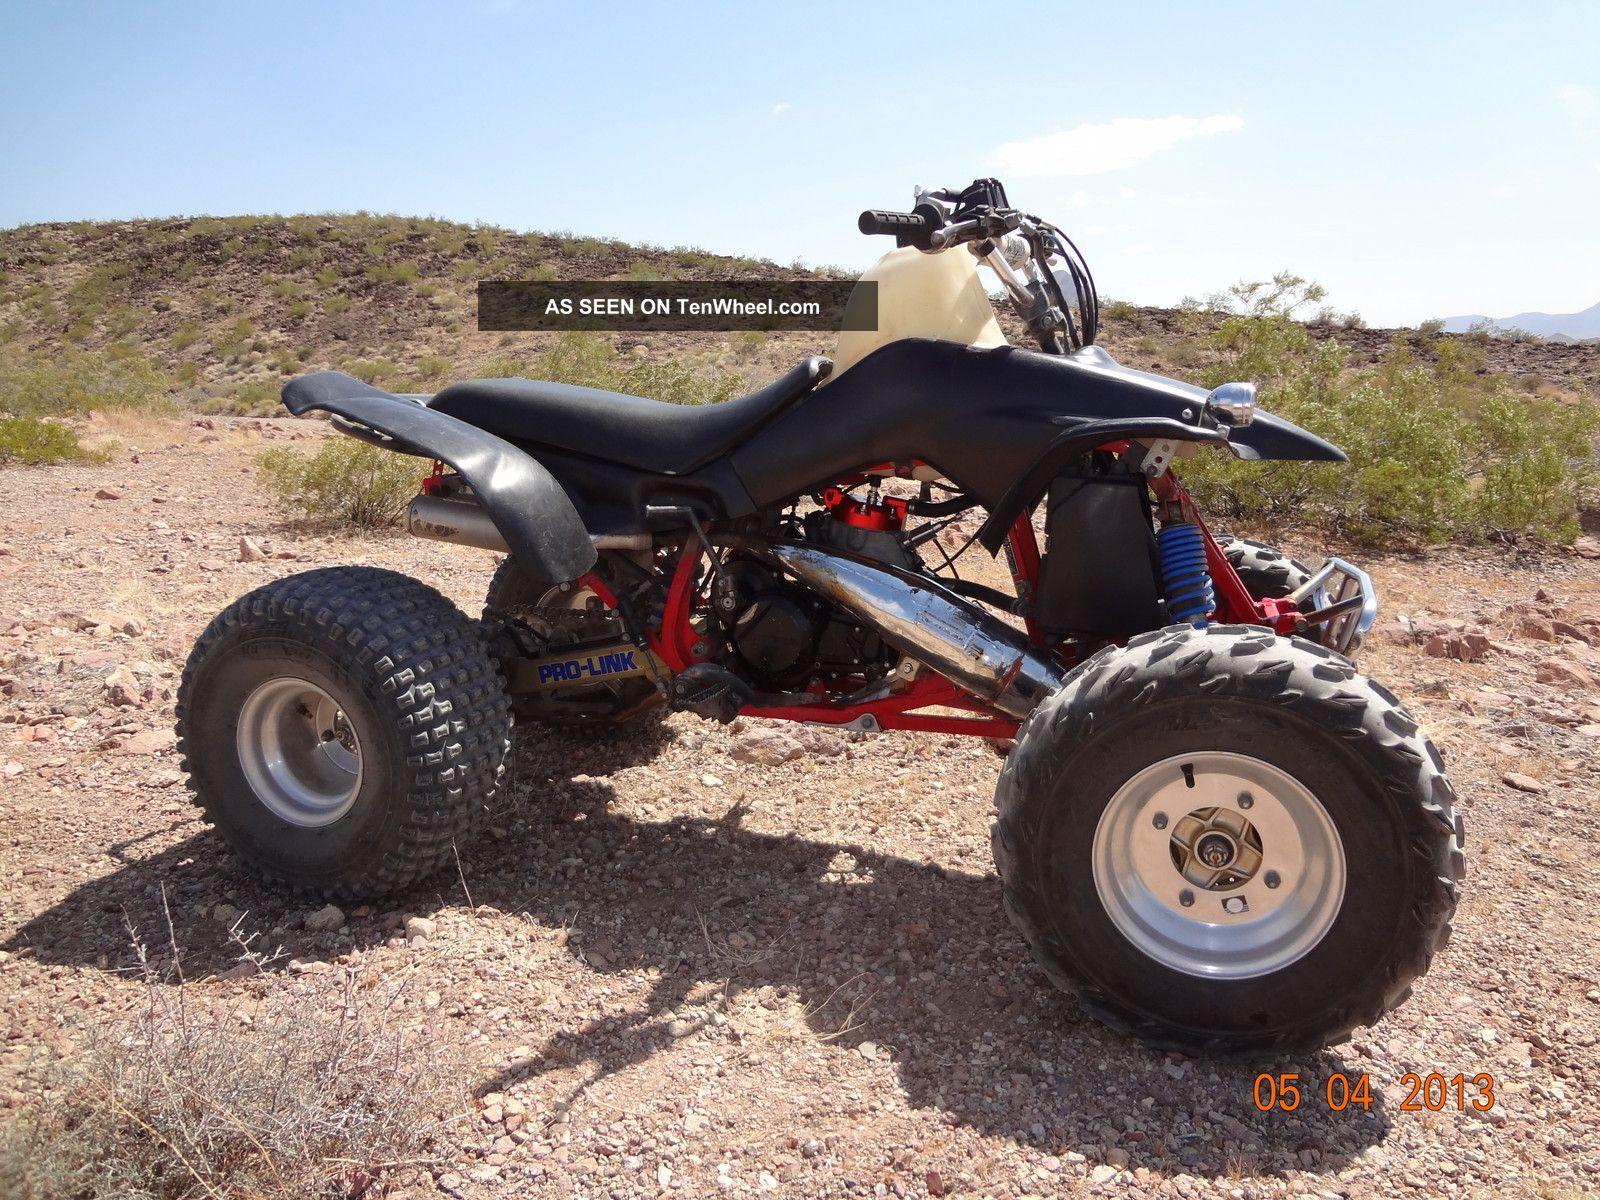 Honda Trx R Lgw in addition C C as well Suzuki Lt R Quadracer Thumb Lgw additionally Qr Club X further I. on quadracer lt250r